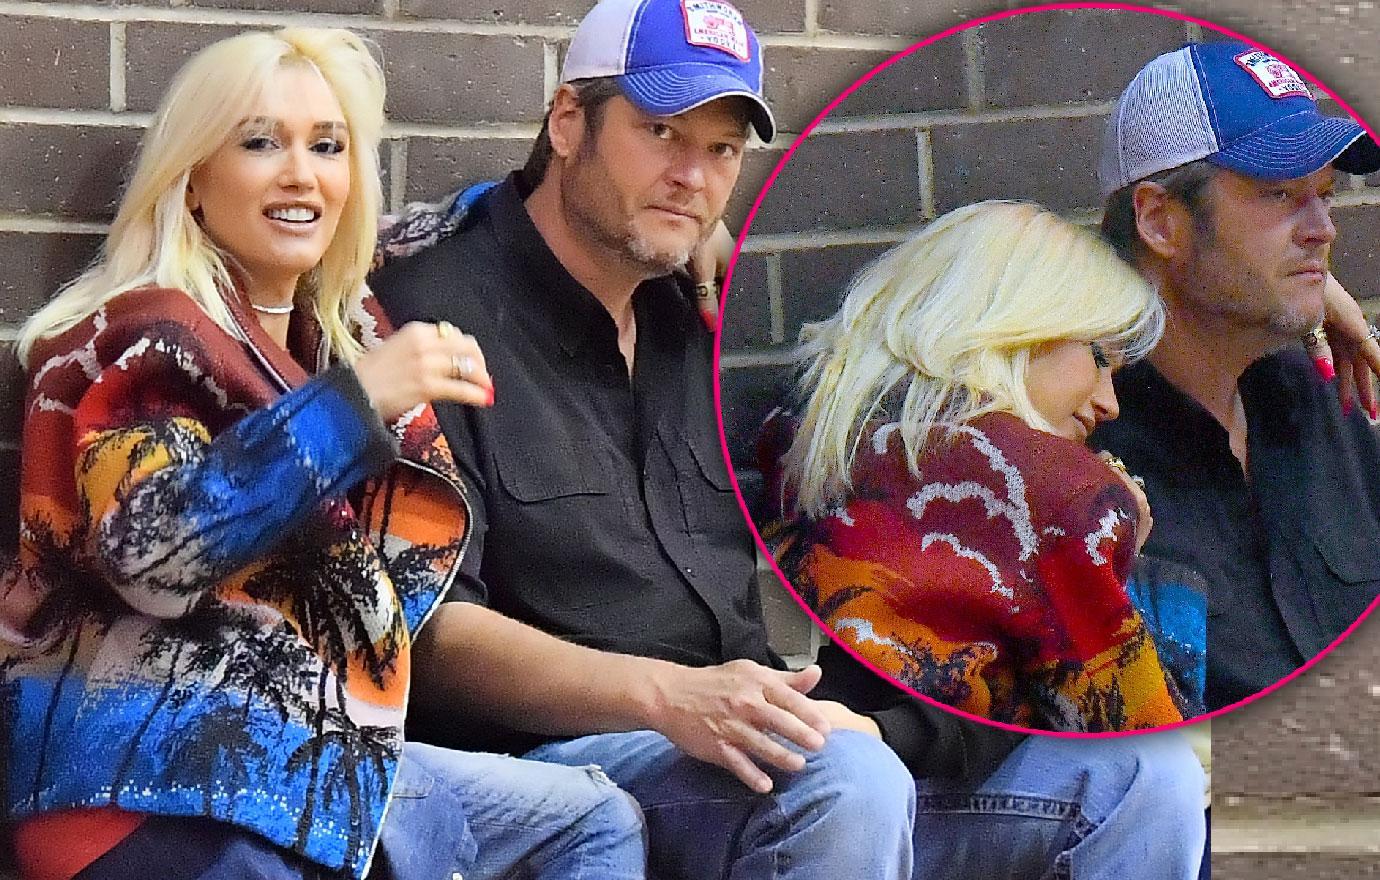 Gwen Stefani Blake Shelton Enjoy PDA Day